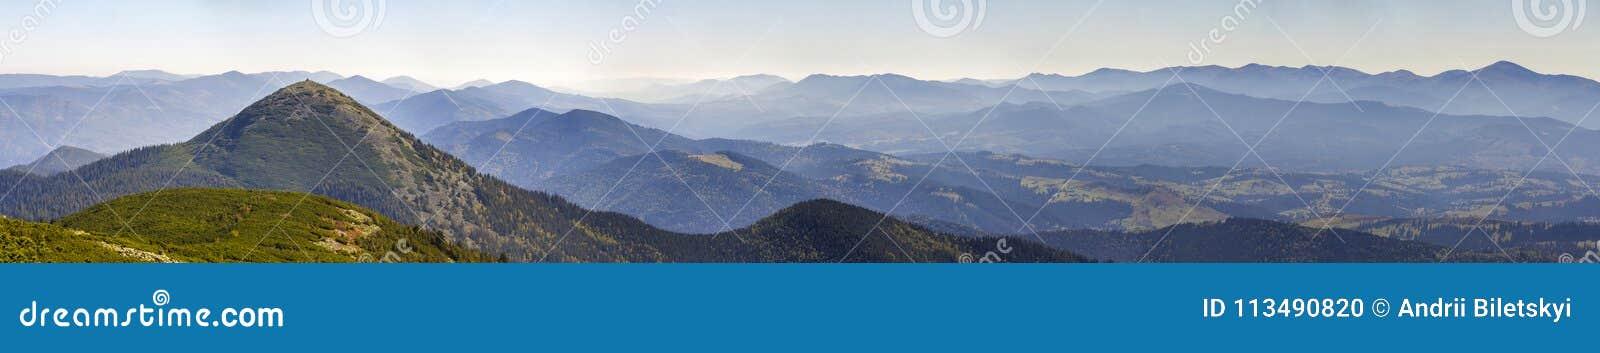 Широкая панорама зеленых холмов горы в солнечной ясной погоде Ландшафт прикарпатских гор в лете Взгляд скалистого covere пиков